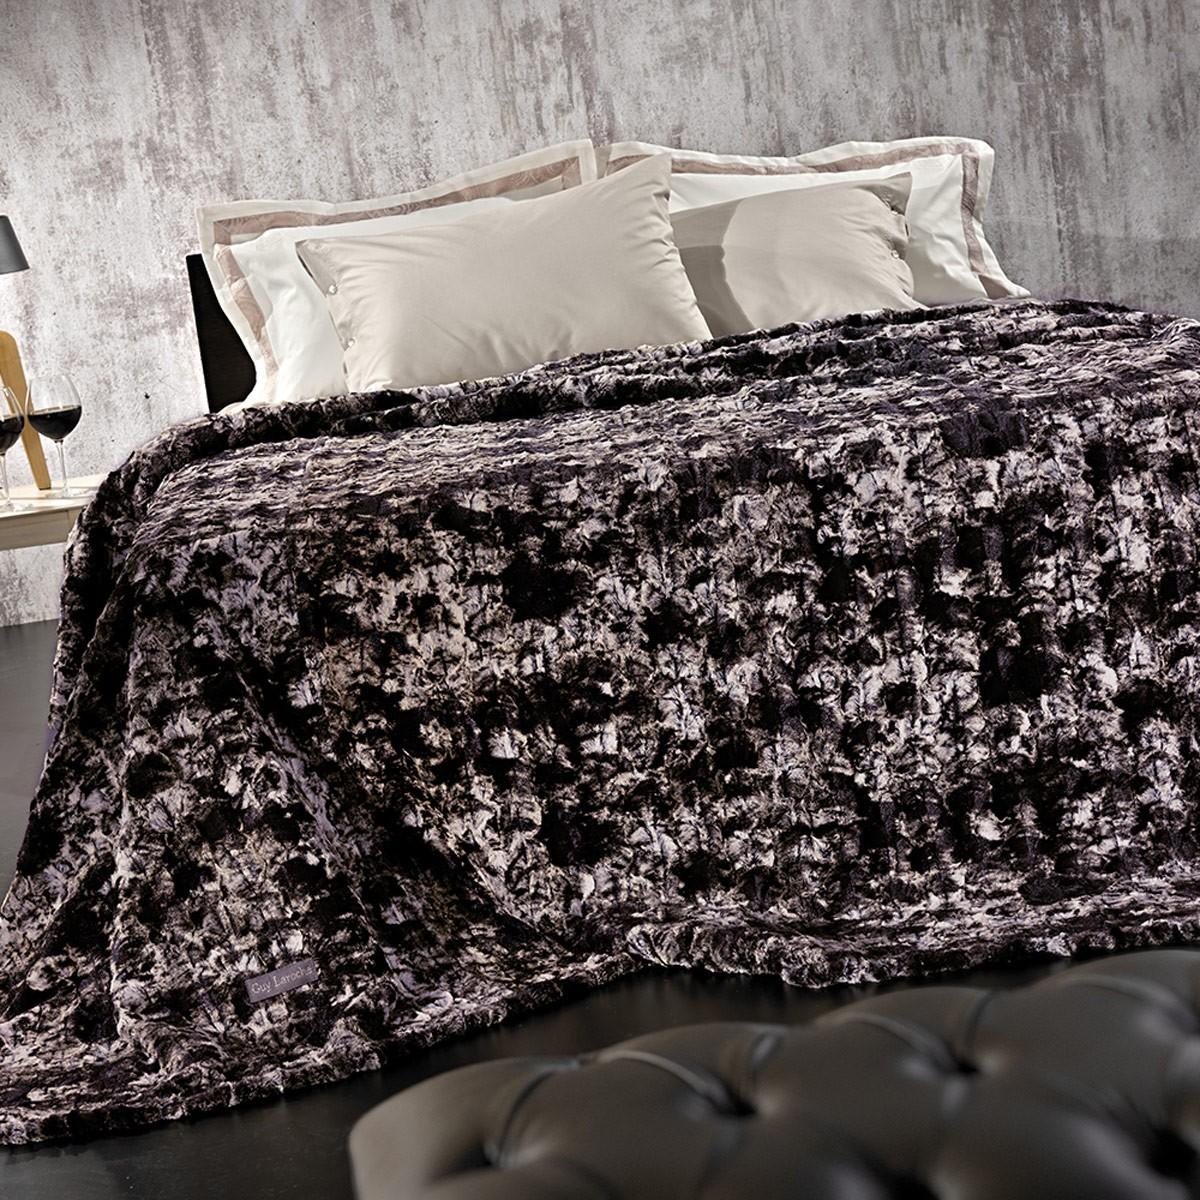 Κουβέρτα Γούνινη Υπέρδιπλη Guy Laroche Agata Amethyst home   κρεβατοκάμαρα   κουβέρτες   κουβέρτες γούνινες   μάλλινες